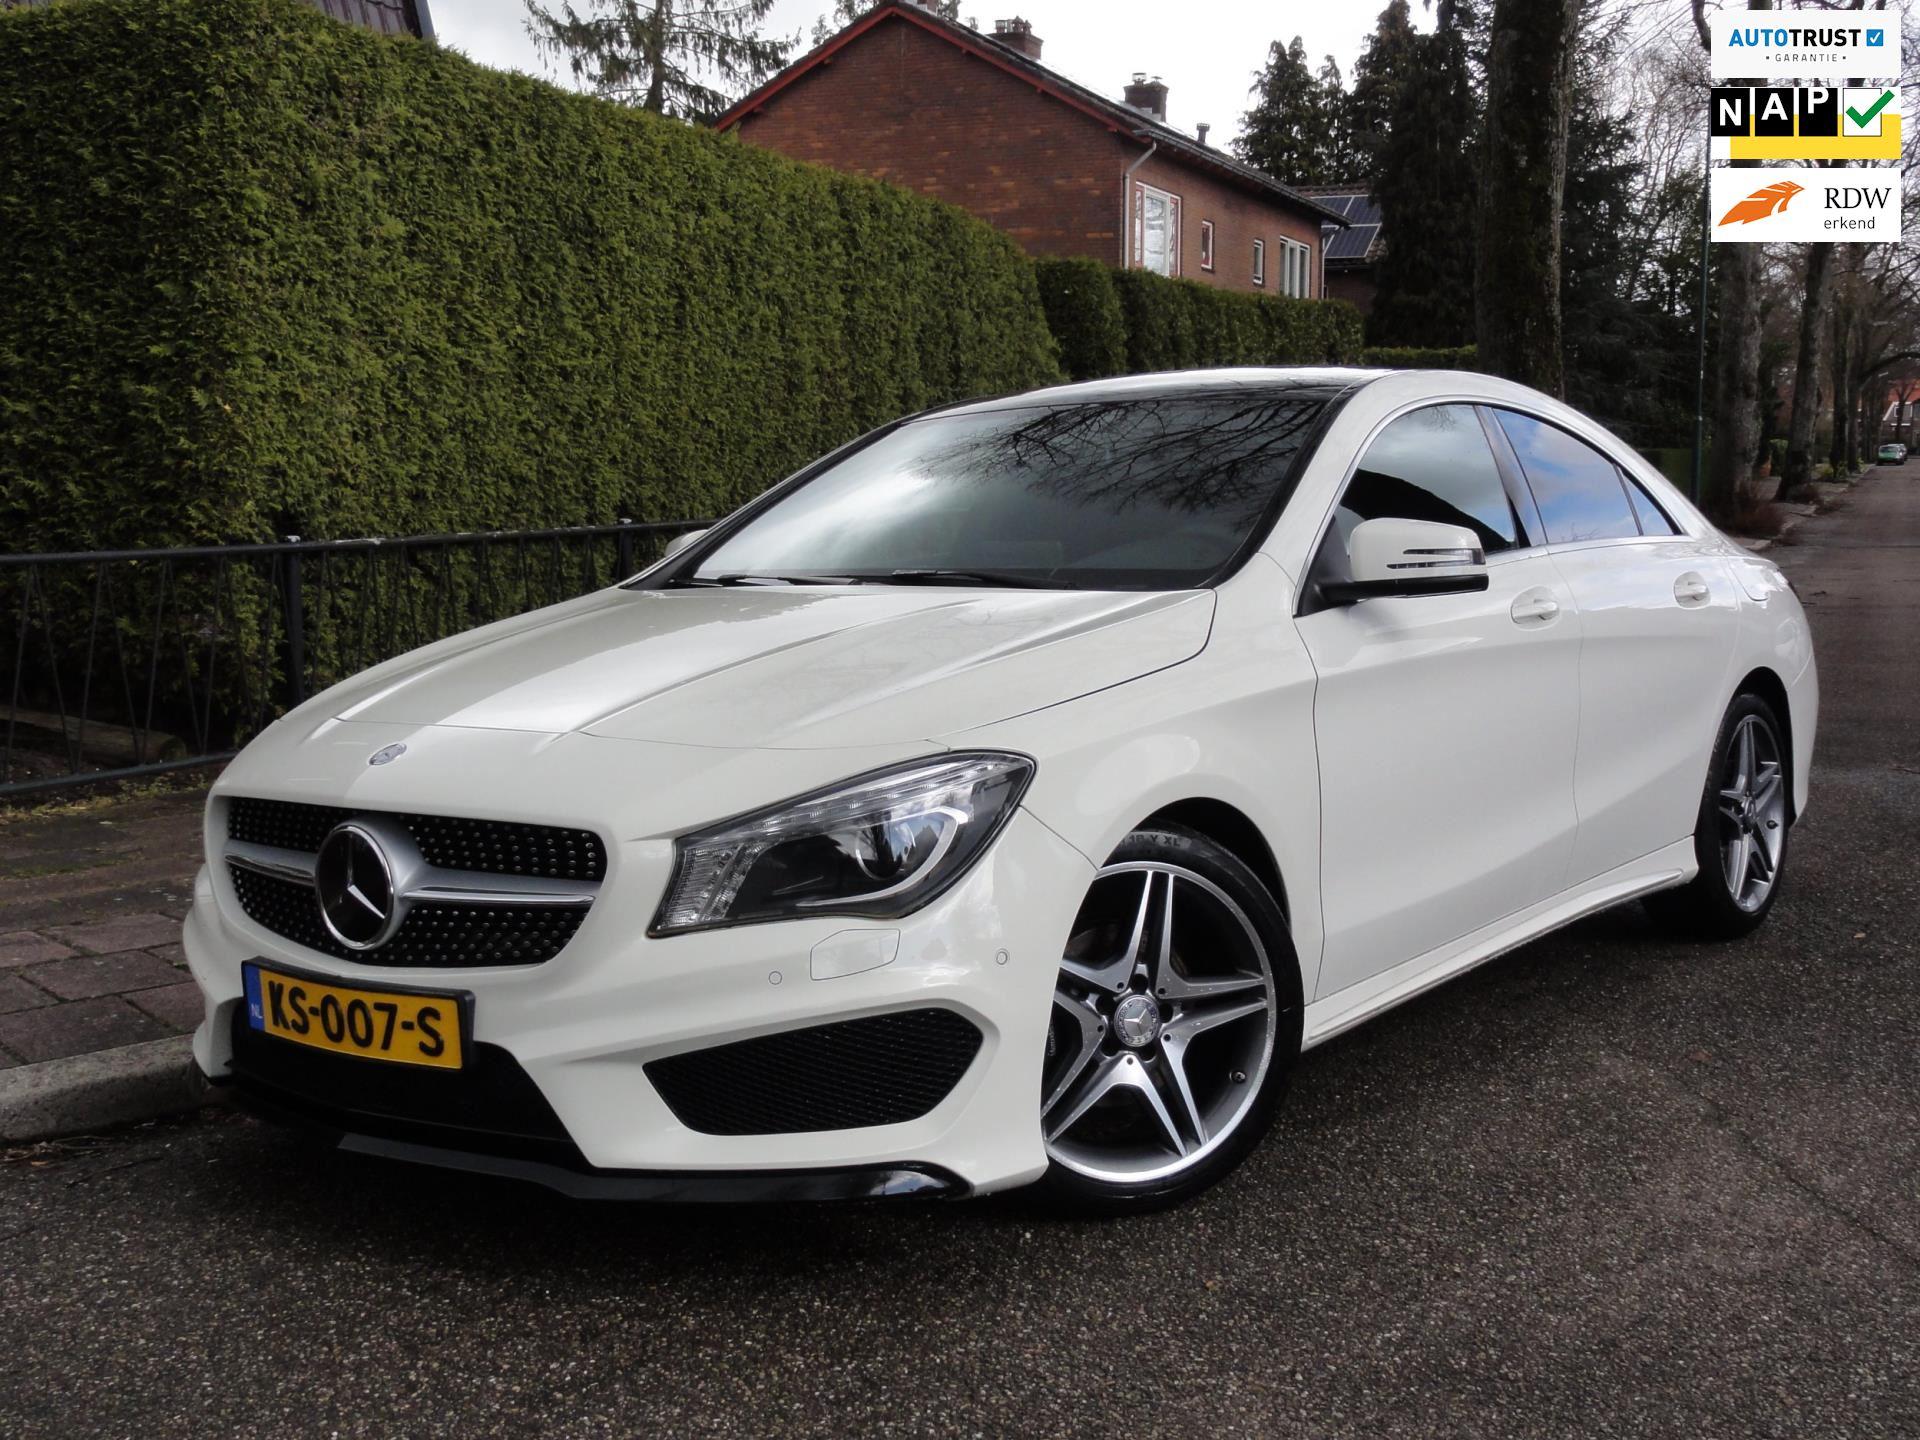 Mercedes-Benz CLA-klasse occasion - Autobedrijf H. Reinders